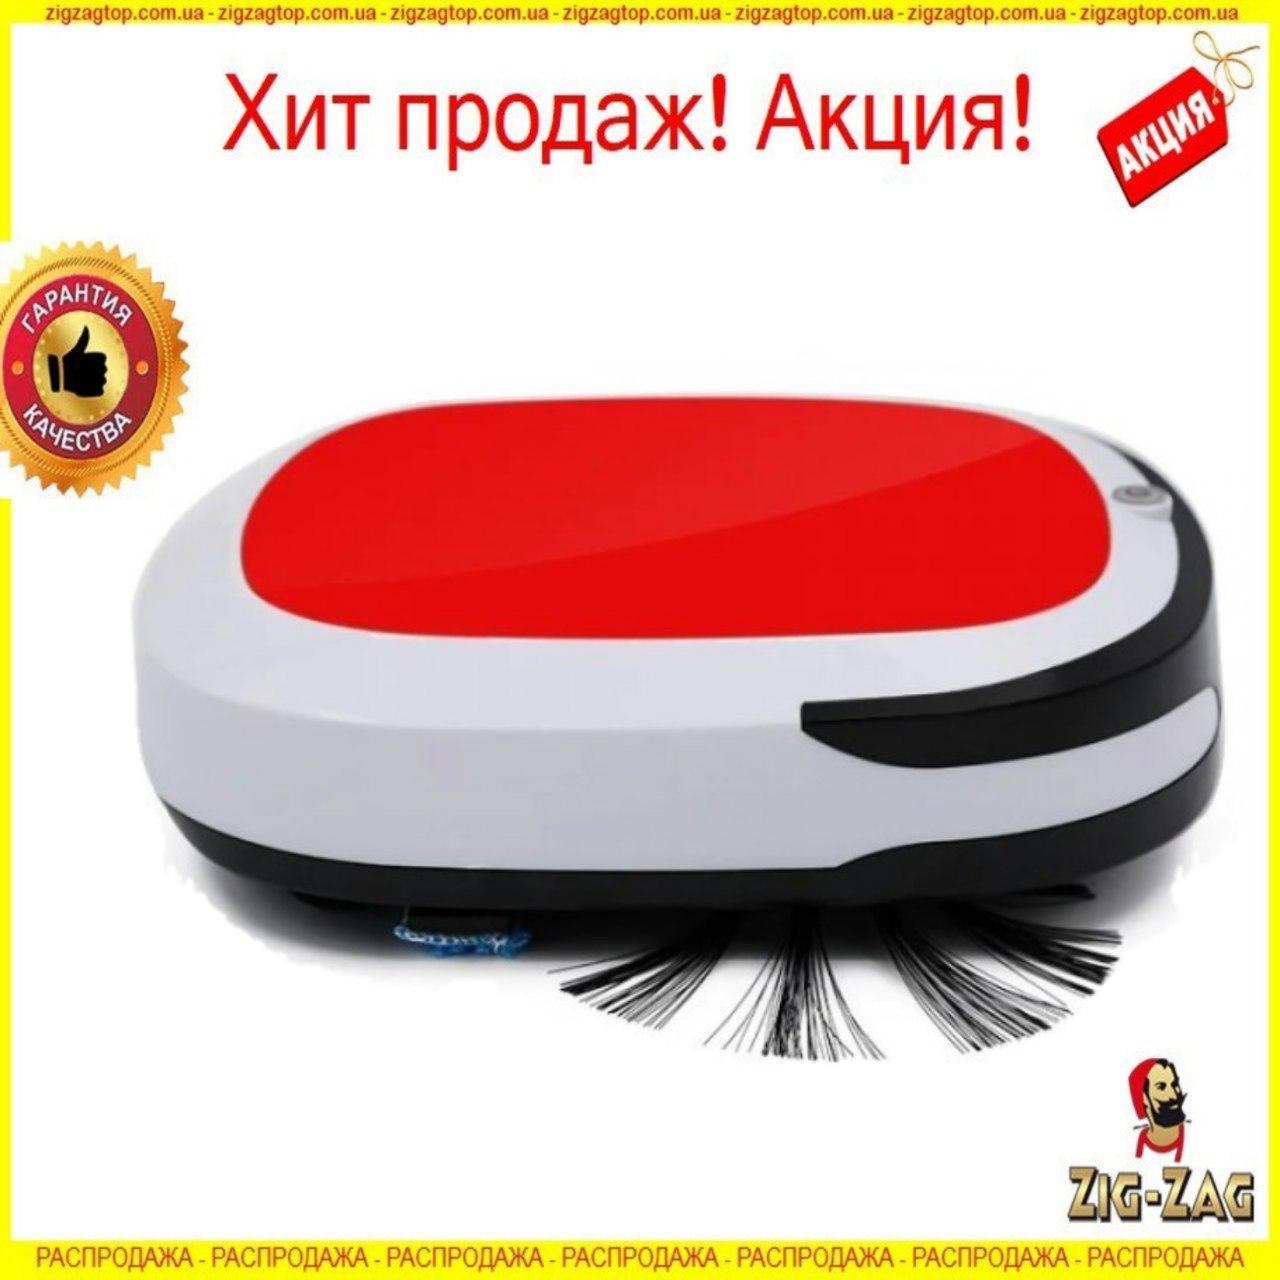 Розумний робот пилосос SMART ROBOT 16001 WY 502 Бездротовий потужний для сухого та вологого прибирання підлоги універсальний